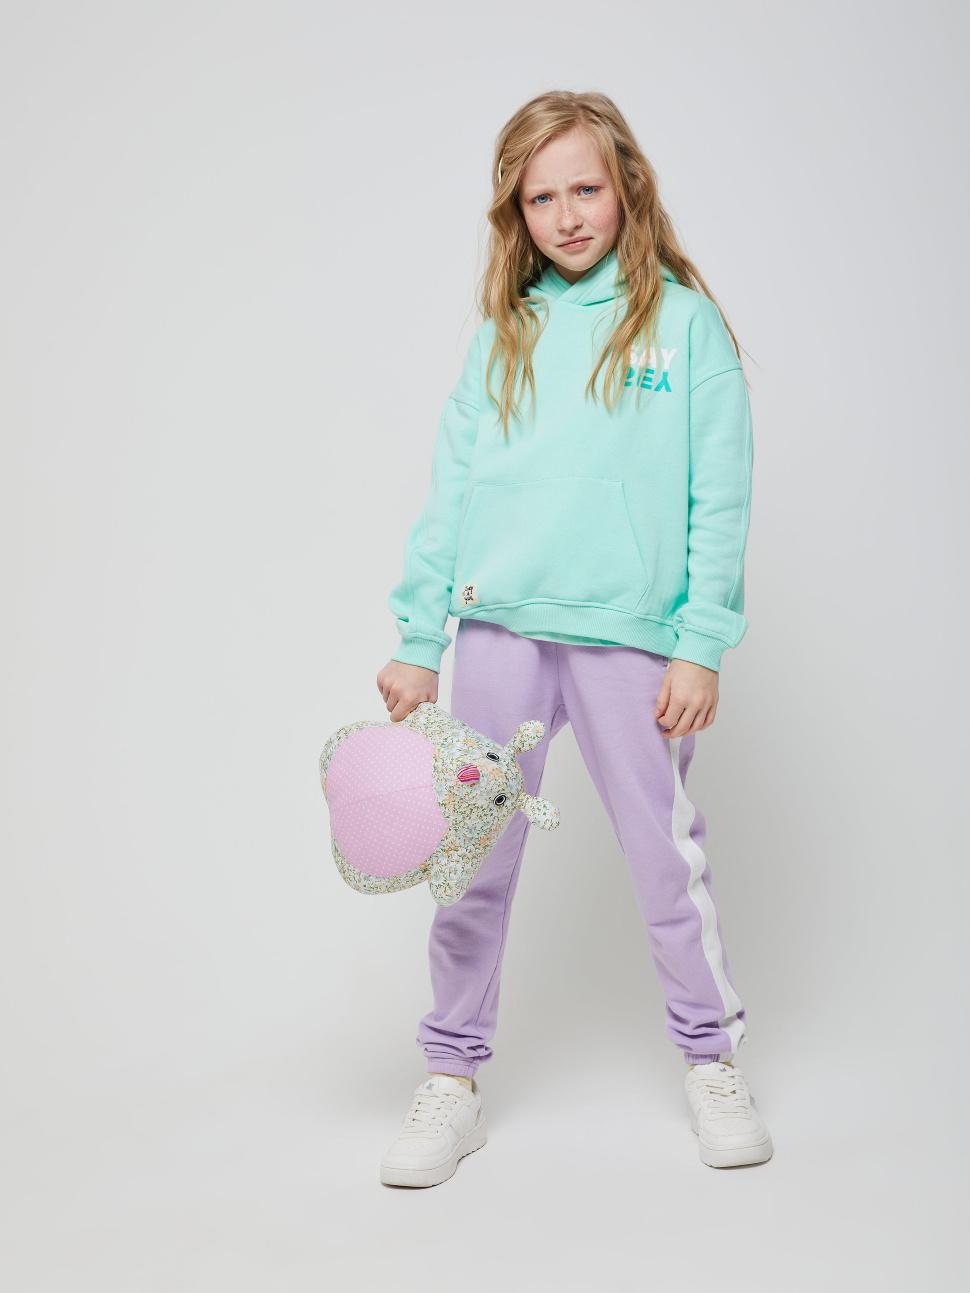 Джемпер для девочек цвет: мятный, артикул: 18020504310 - купить в интернет-магазине sela